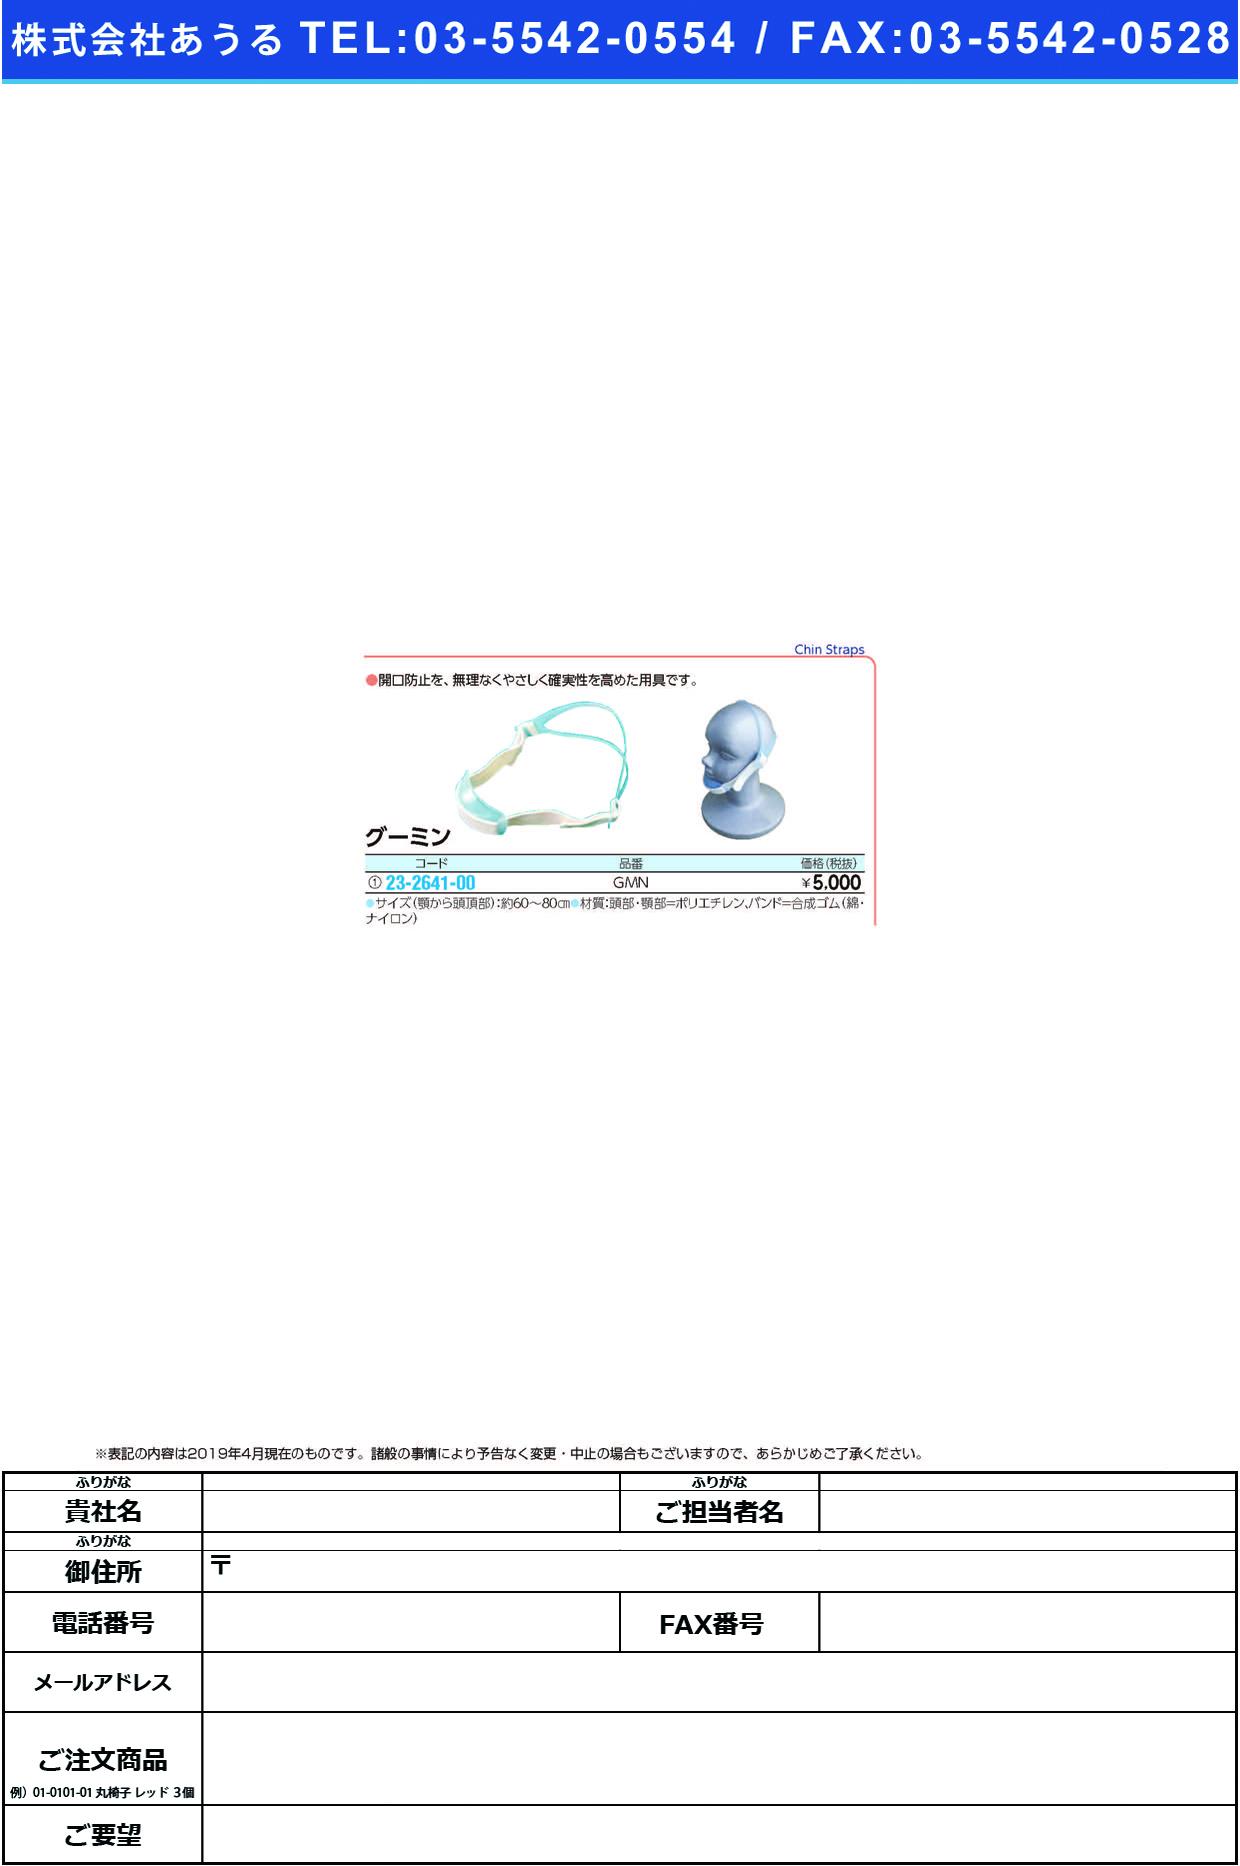 (23-2641-00)グーミン GMN グーミン【1個単位】【2019年カタログ商品】